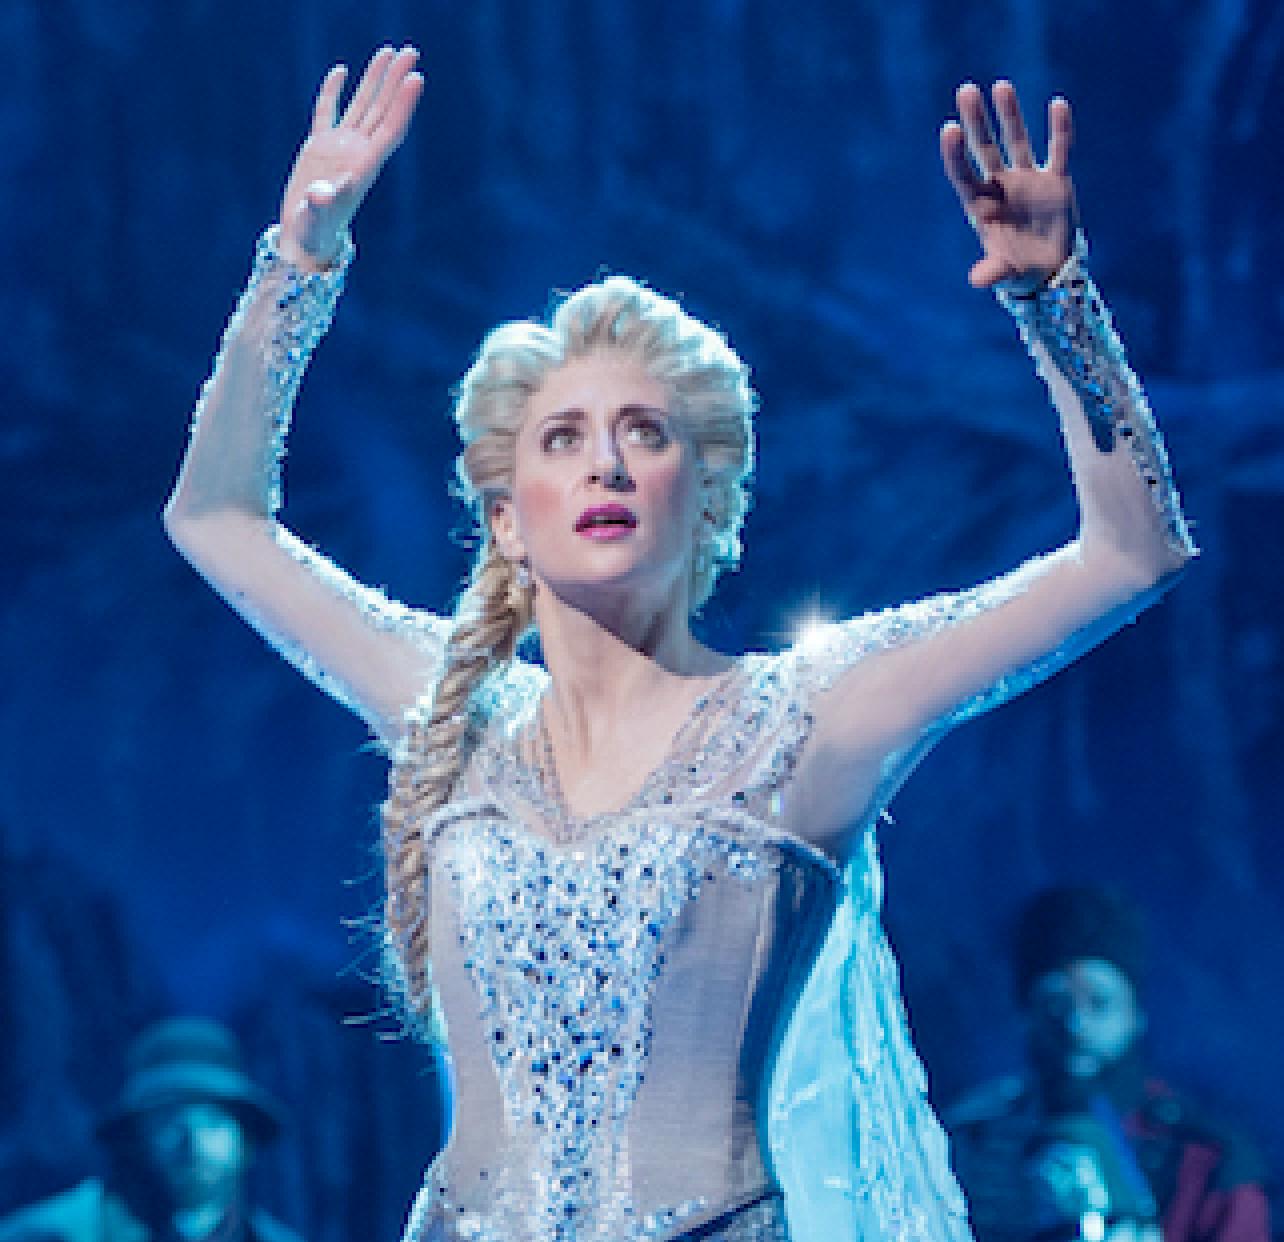 Elsa S Pantsuit In The Quot Frozen Quot Musical Is Magical Af